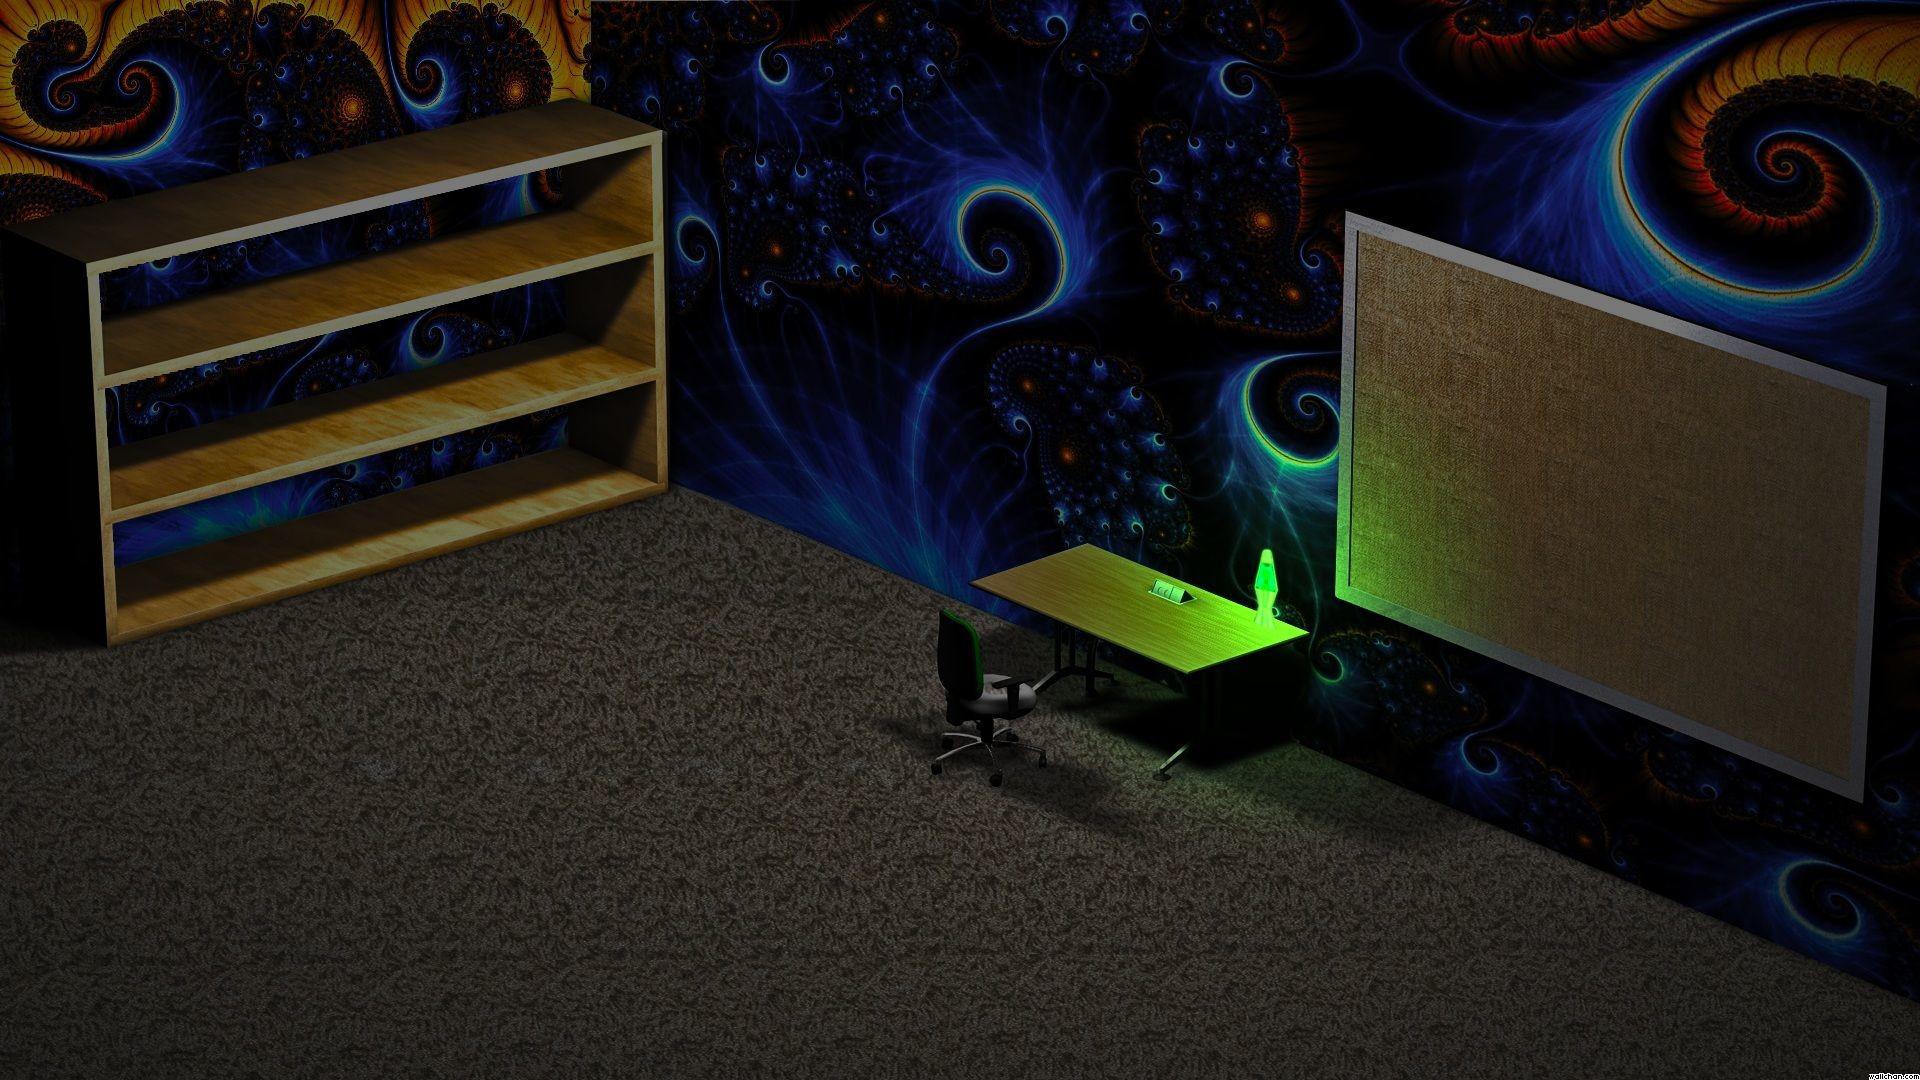 Desk And Shelves Desktop Wallpaper 50 Images , Desktop